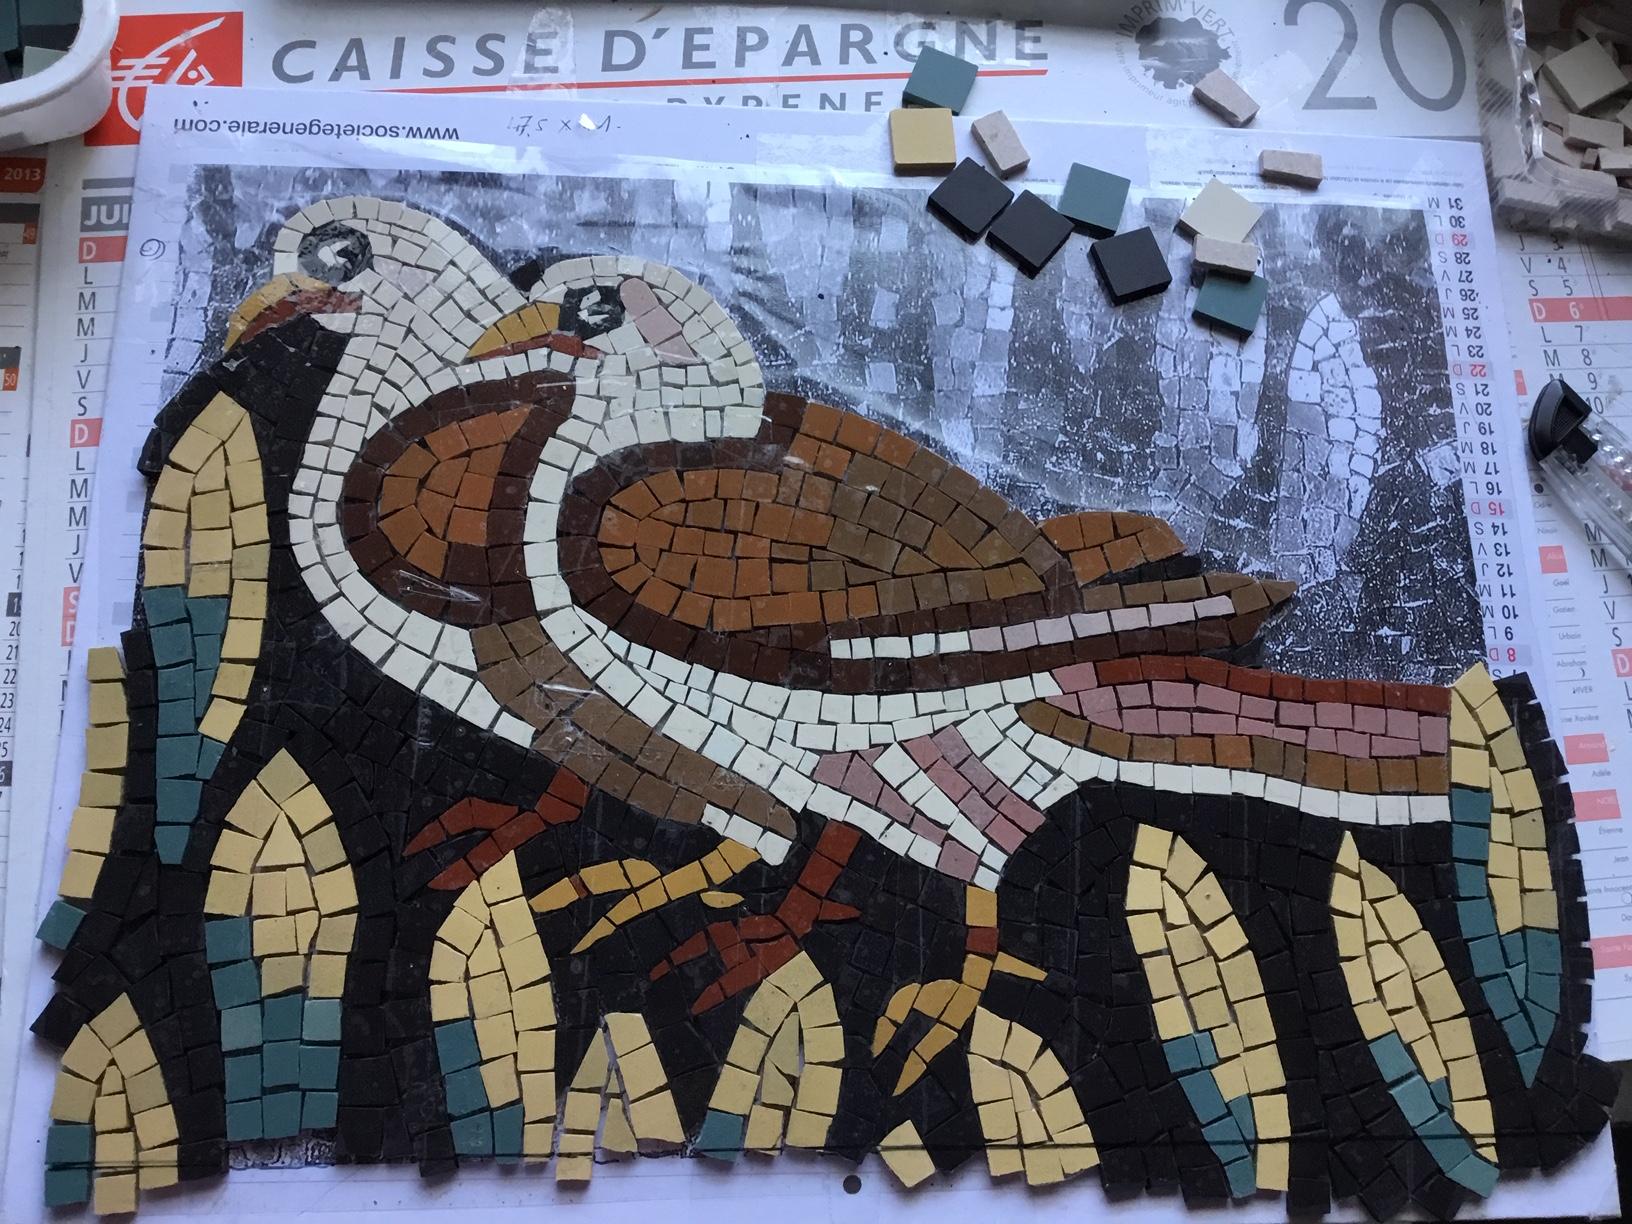 Geneviève du 82, les pigeons façon antique, sa madeleine de Proust ou son péché mignon : l'antique.